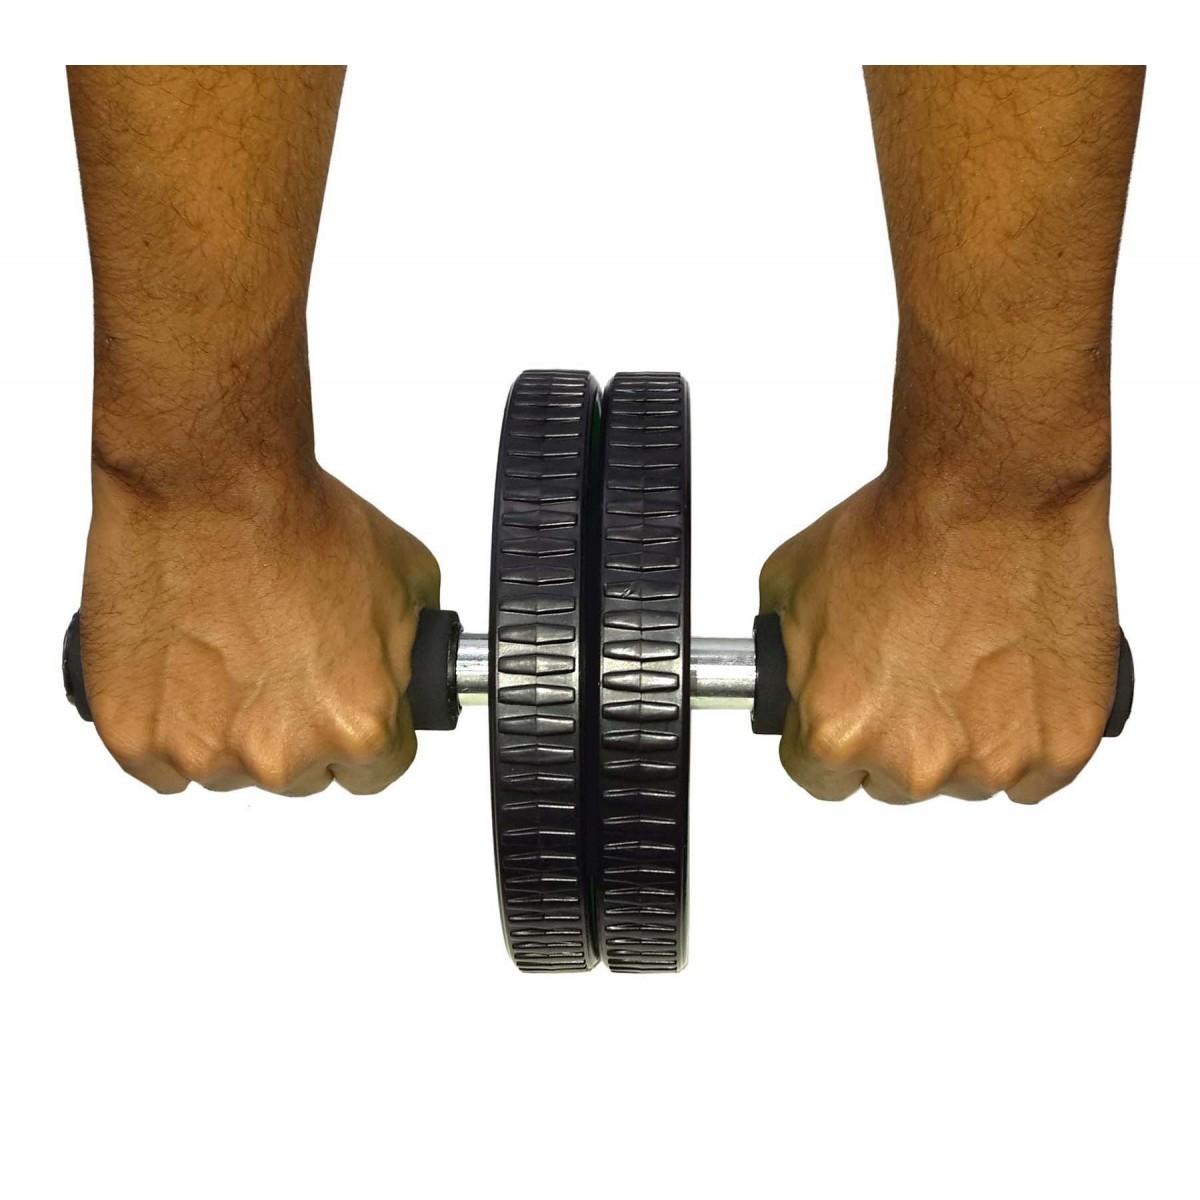 Rolo Roda Abdominal Exercita e Fortalece Abdome Malha Braço Cor Roxo (BSL-RU-1)